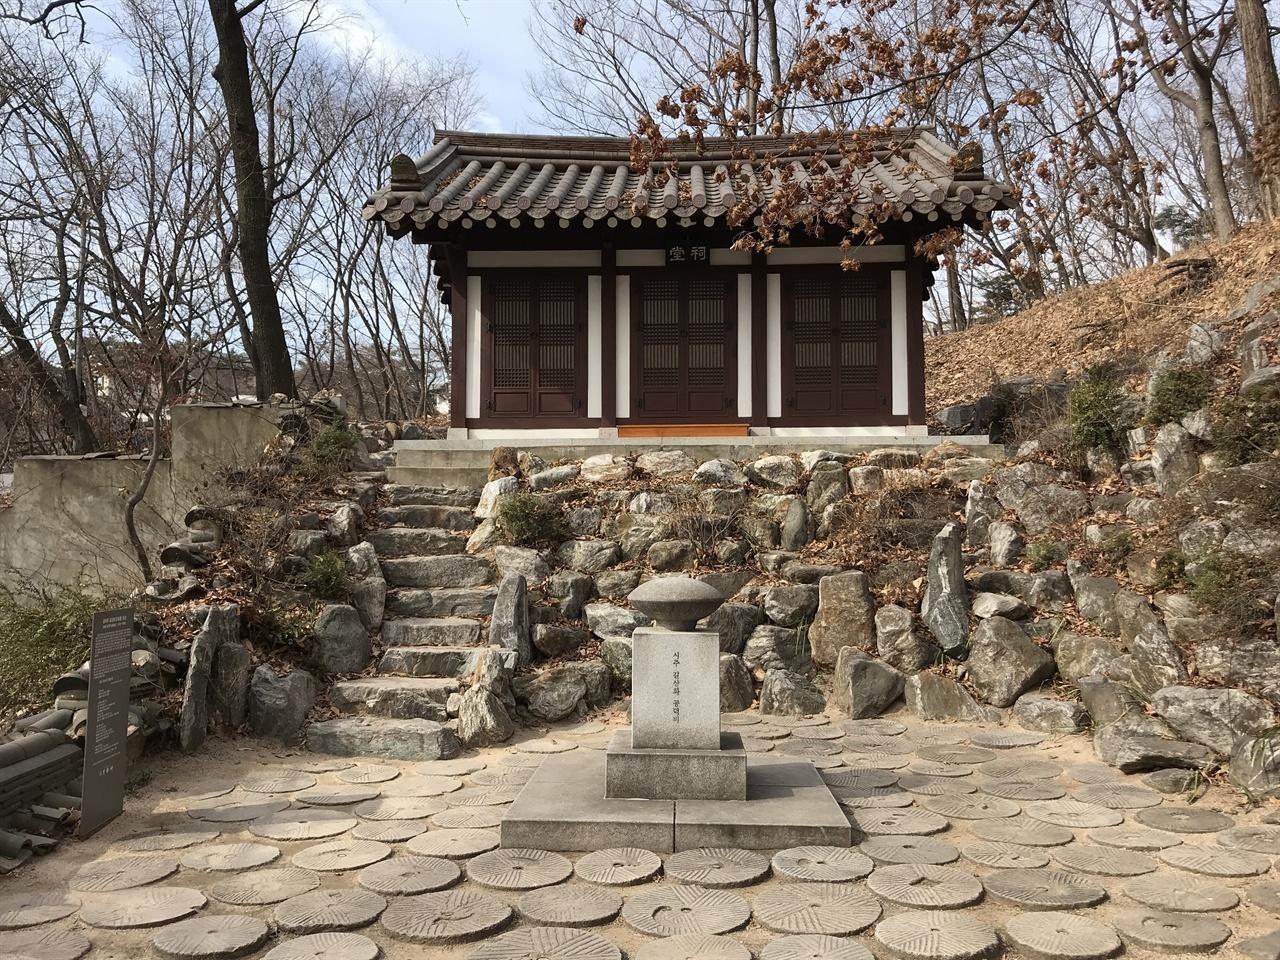 길상화 공덕비 유언 대로 자야 김영한의 유골은 길상사에 뿌려졌다. 그녀의 유골이 뿌려진 곳에 공덕비를 세웠다.